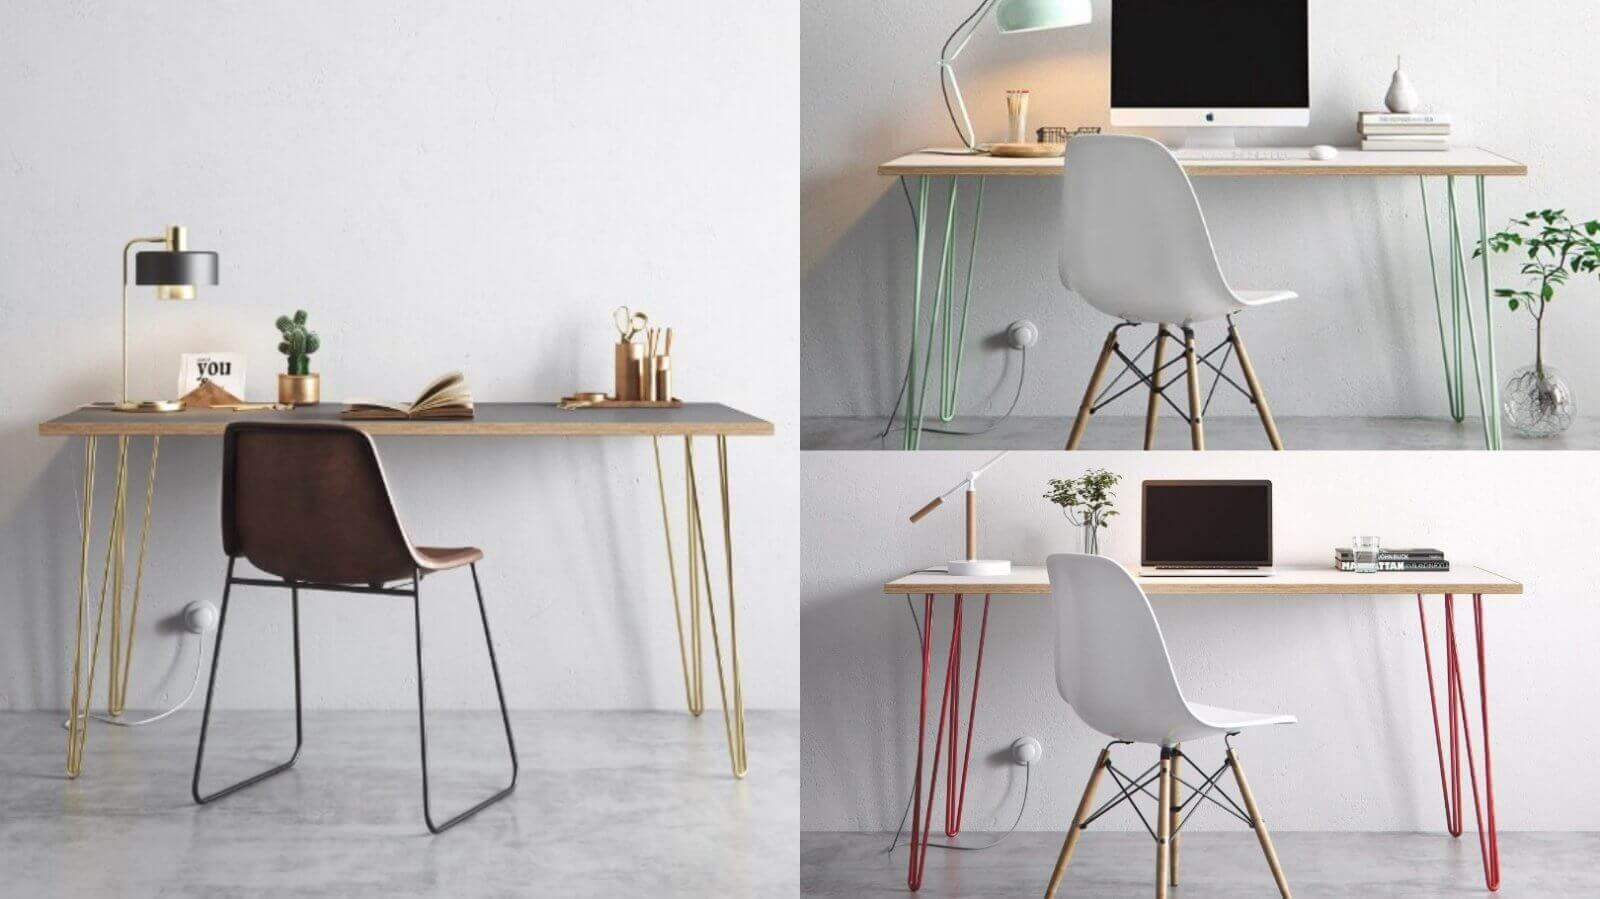 Tạo ra sự đồng bộ giữa bàn làm việc và các thiết bị, đồ dùng khác